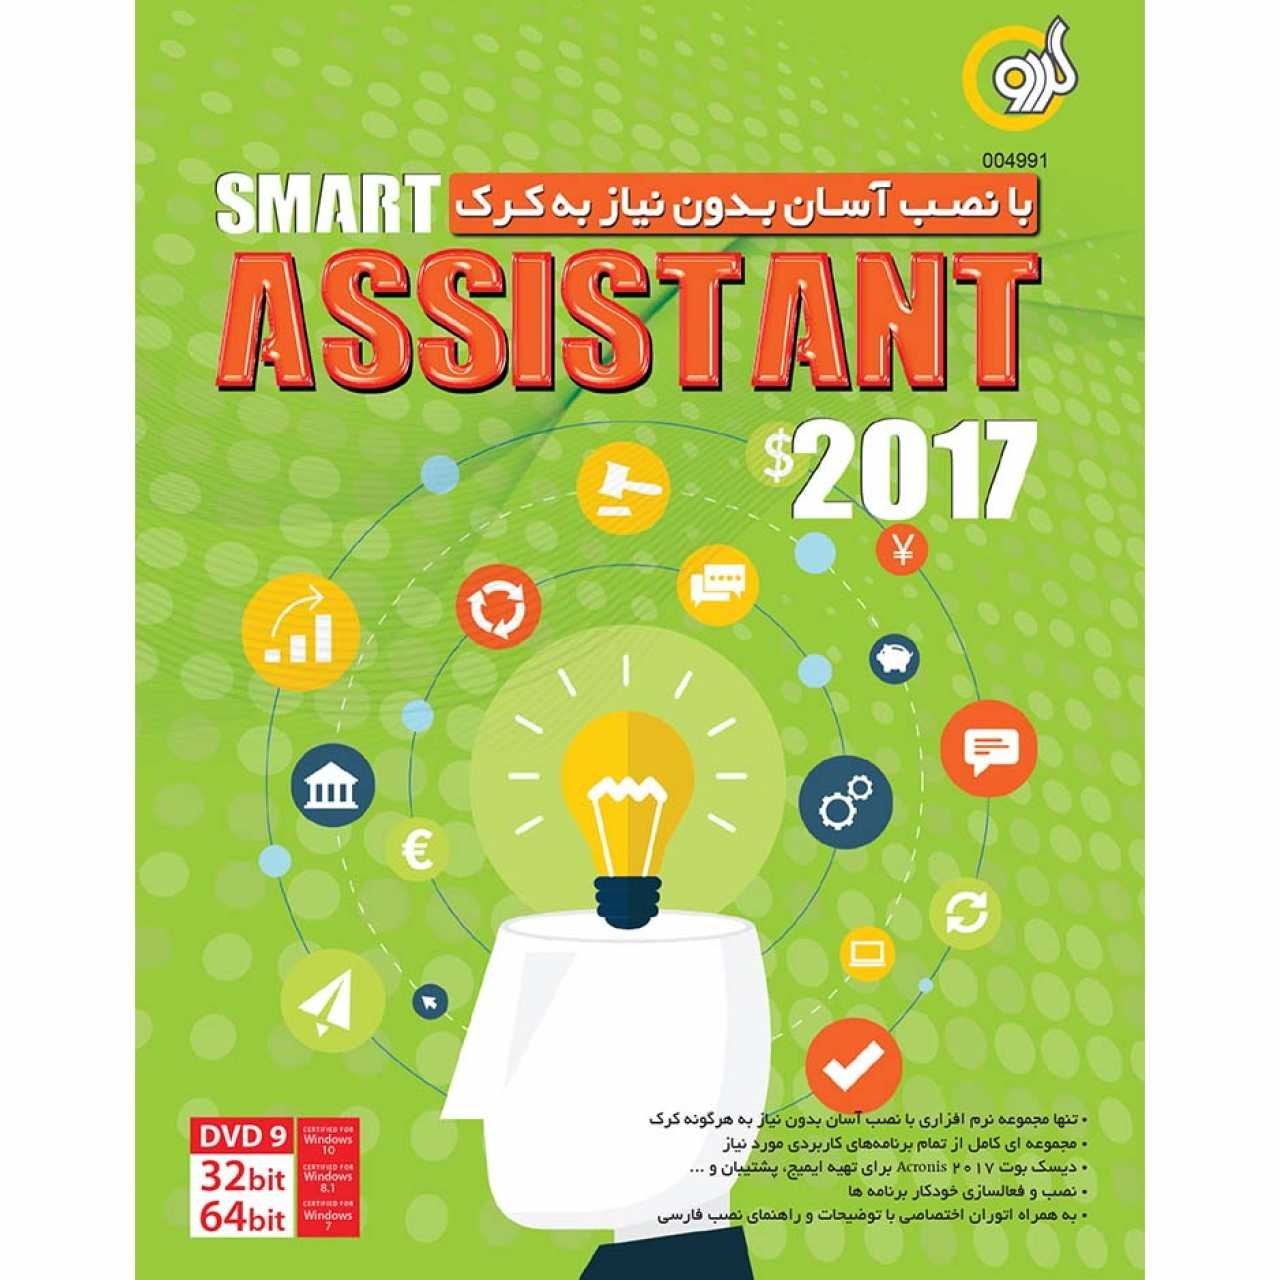 مجموعه نرم افزاری Smart Assistant 2017-انتشارات گردو